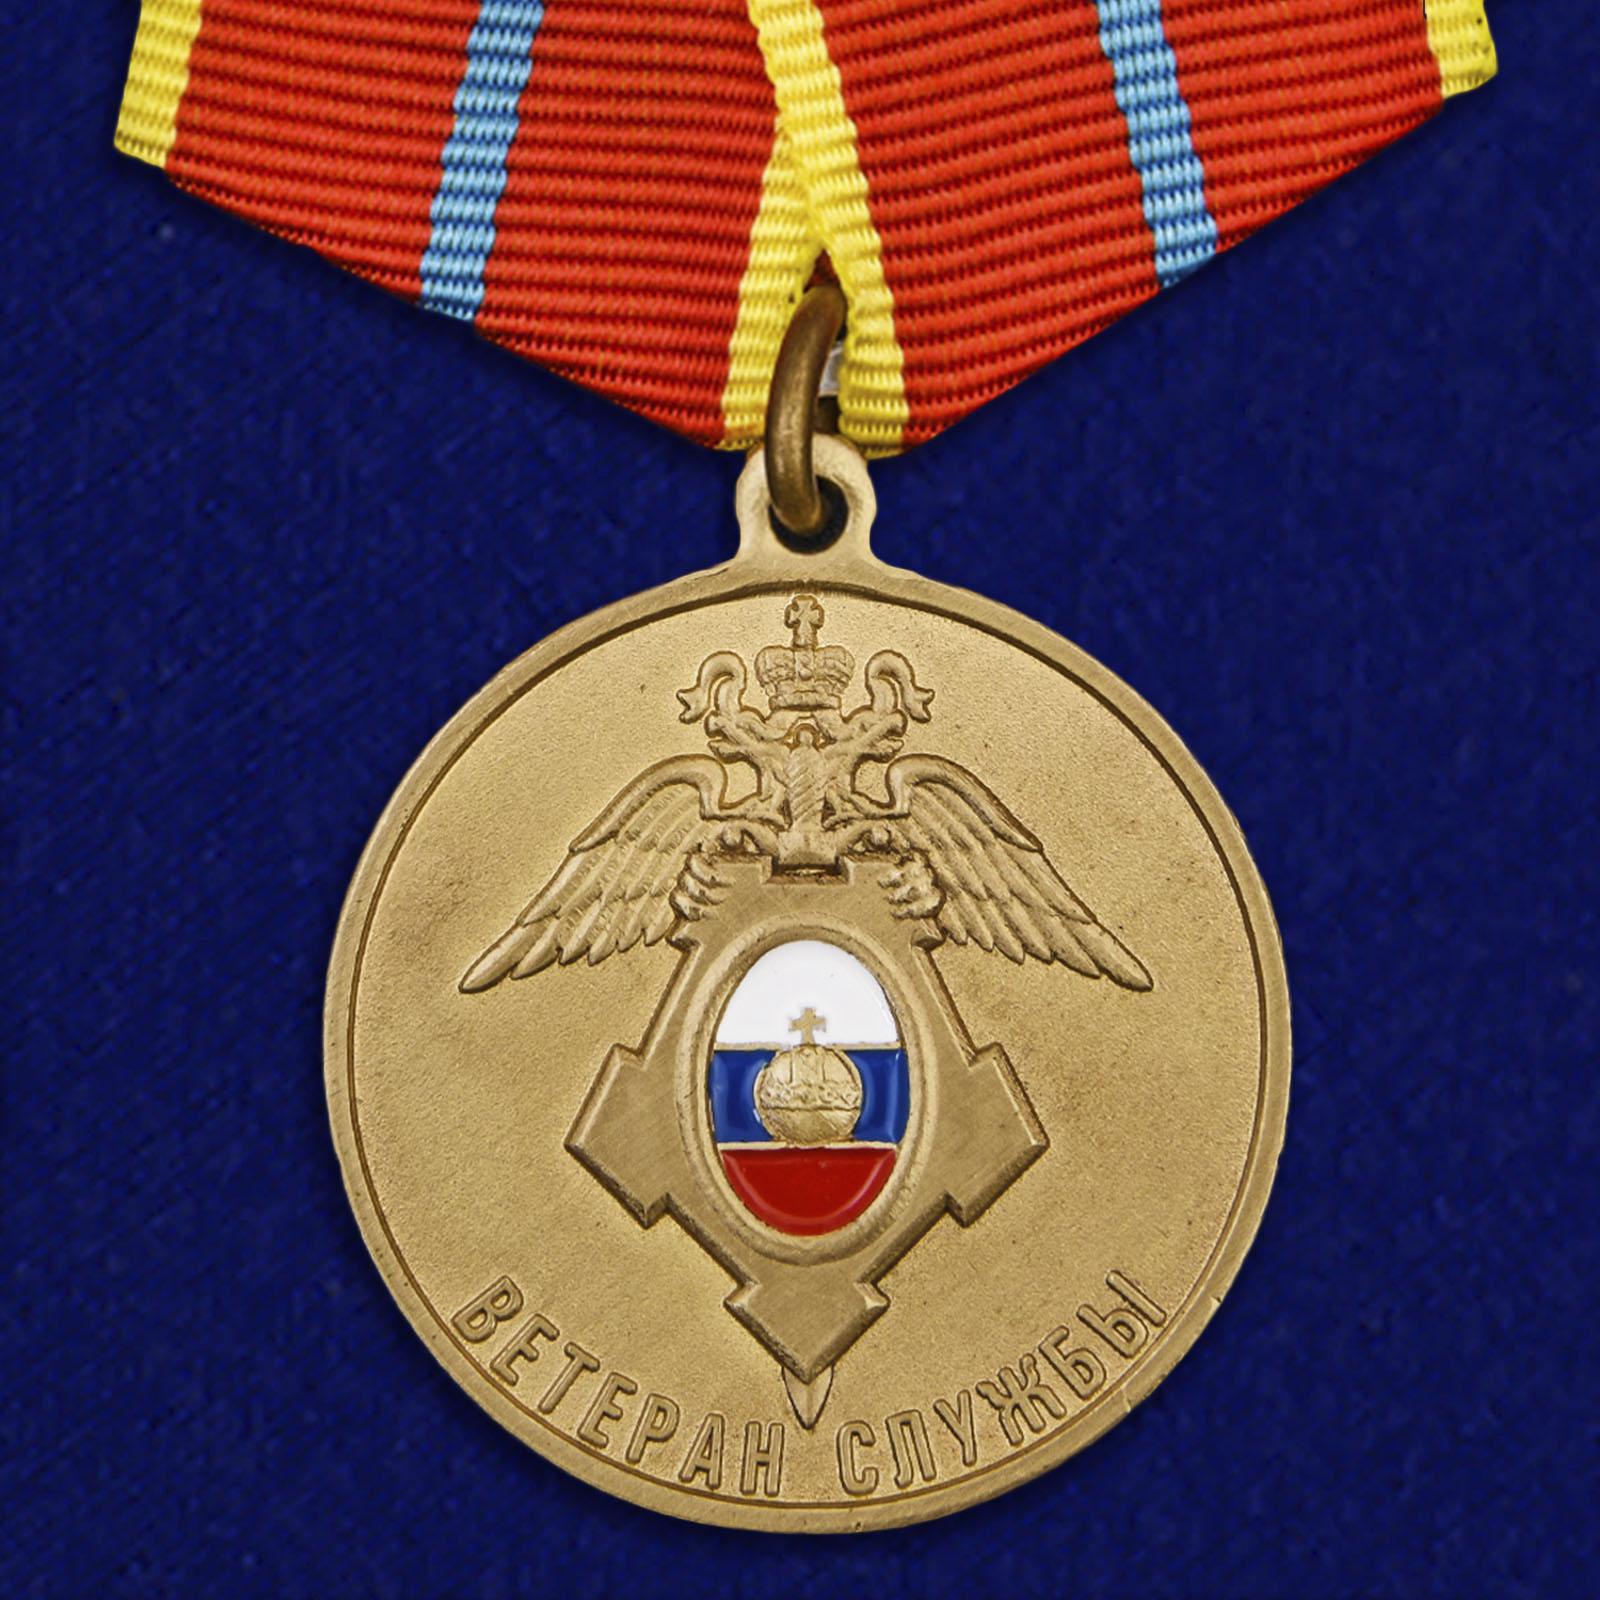 Купить медаль Ветеран службы ГУСП на подставке выгодно с доставкой